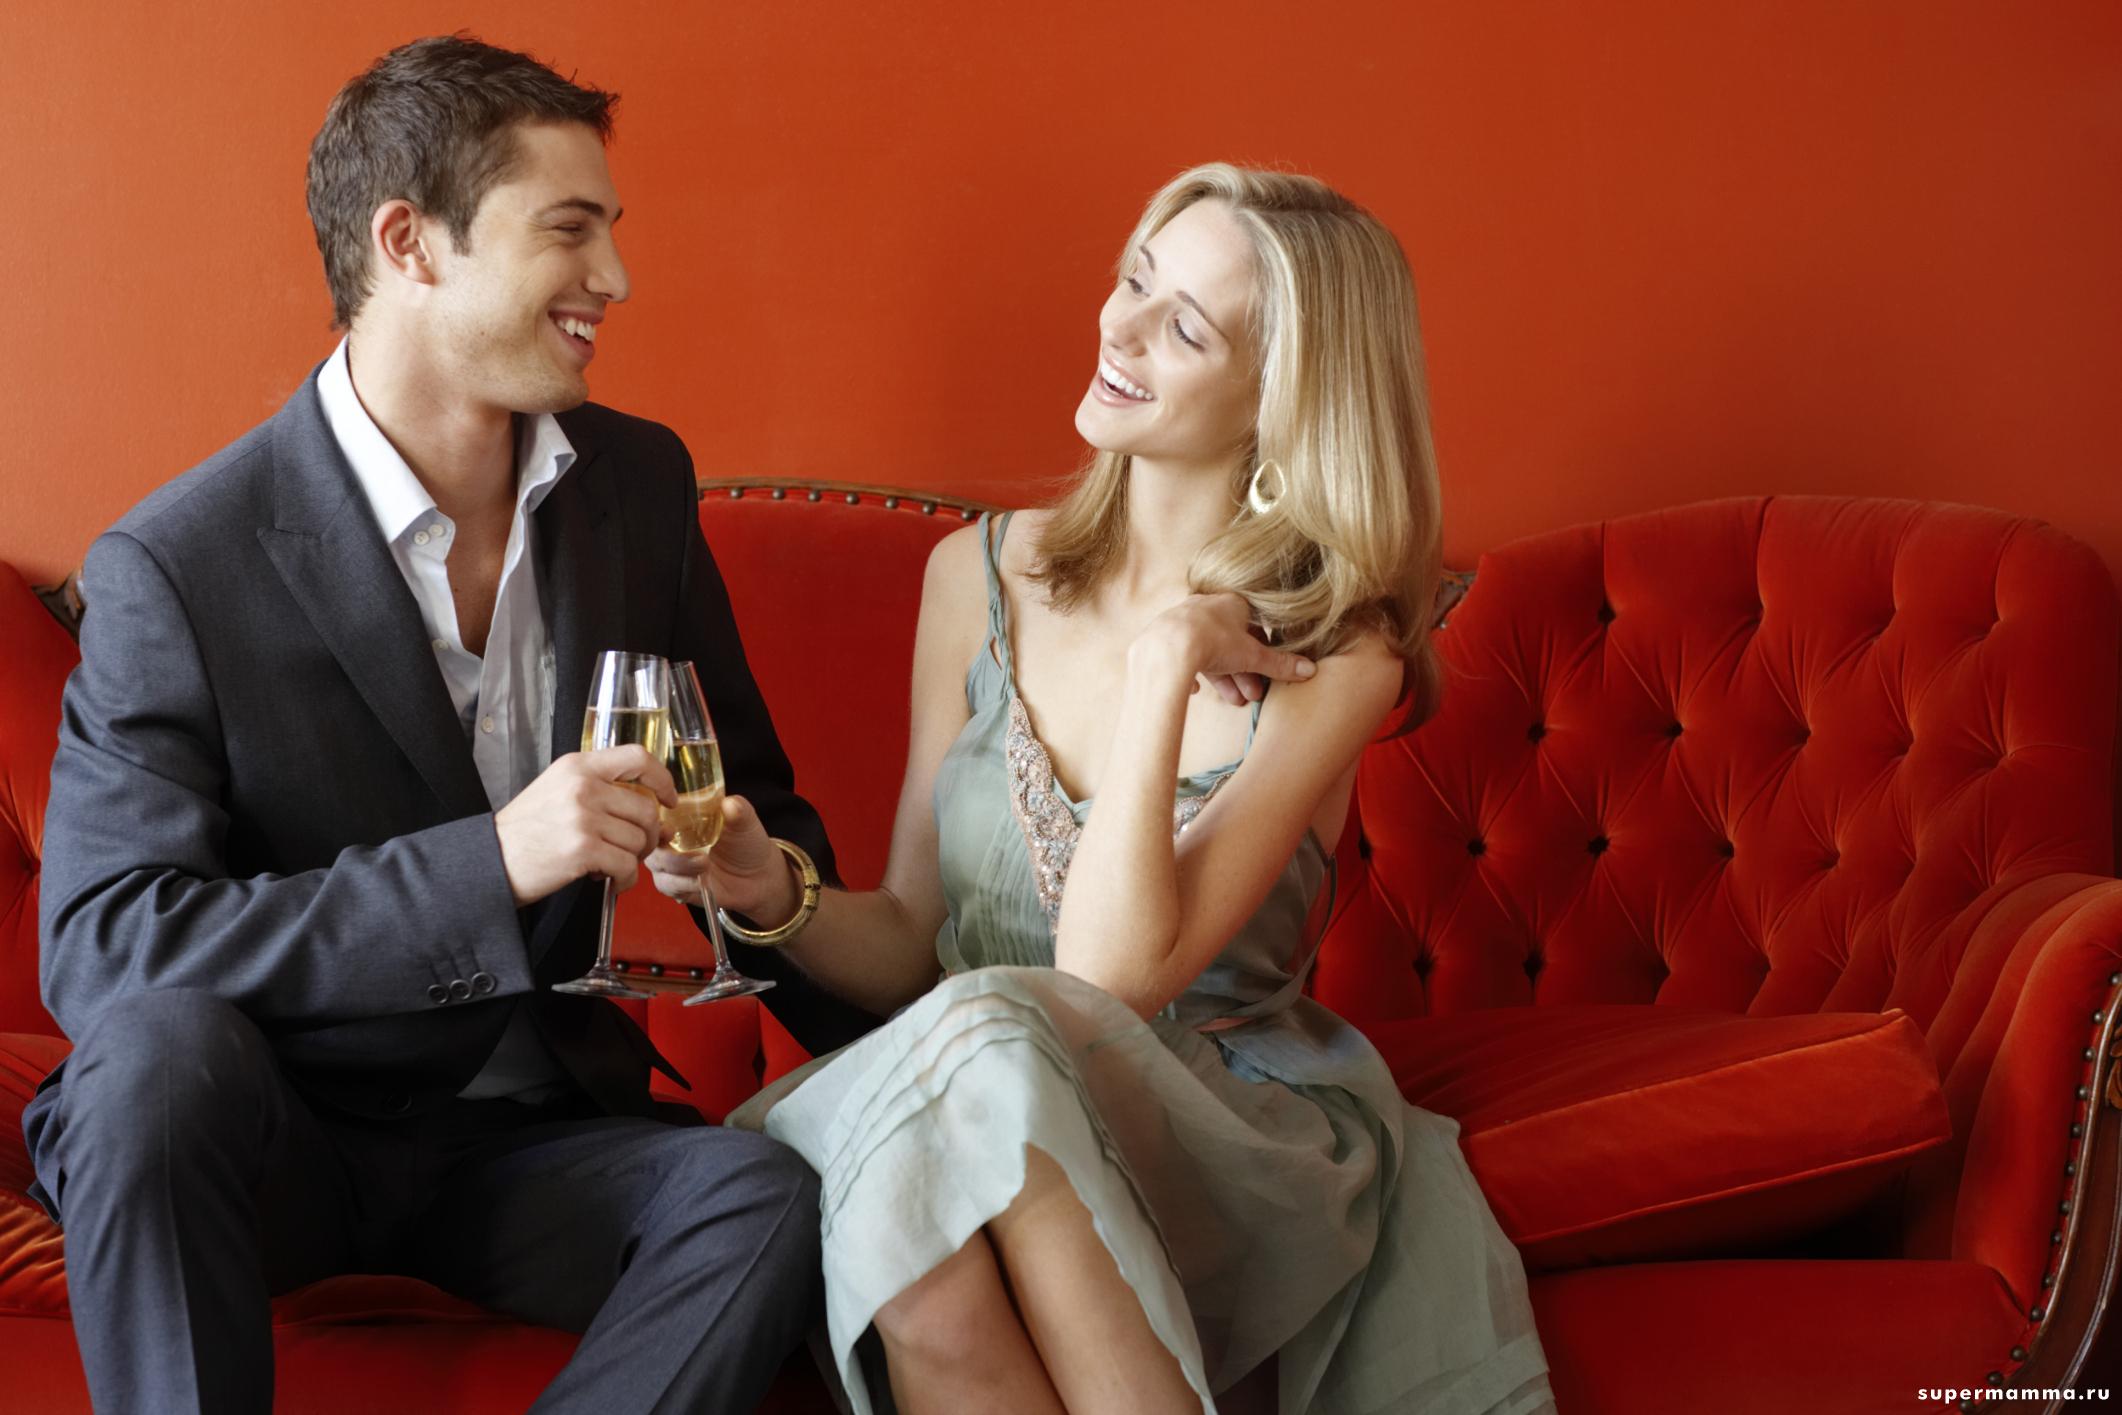 Флирт - что такое флирт между мужчиной и женщиной, 5 типов флирта